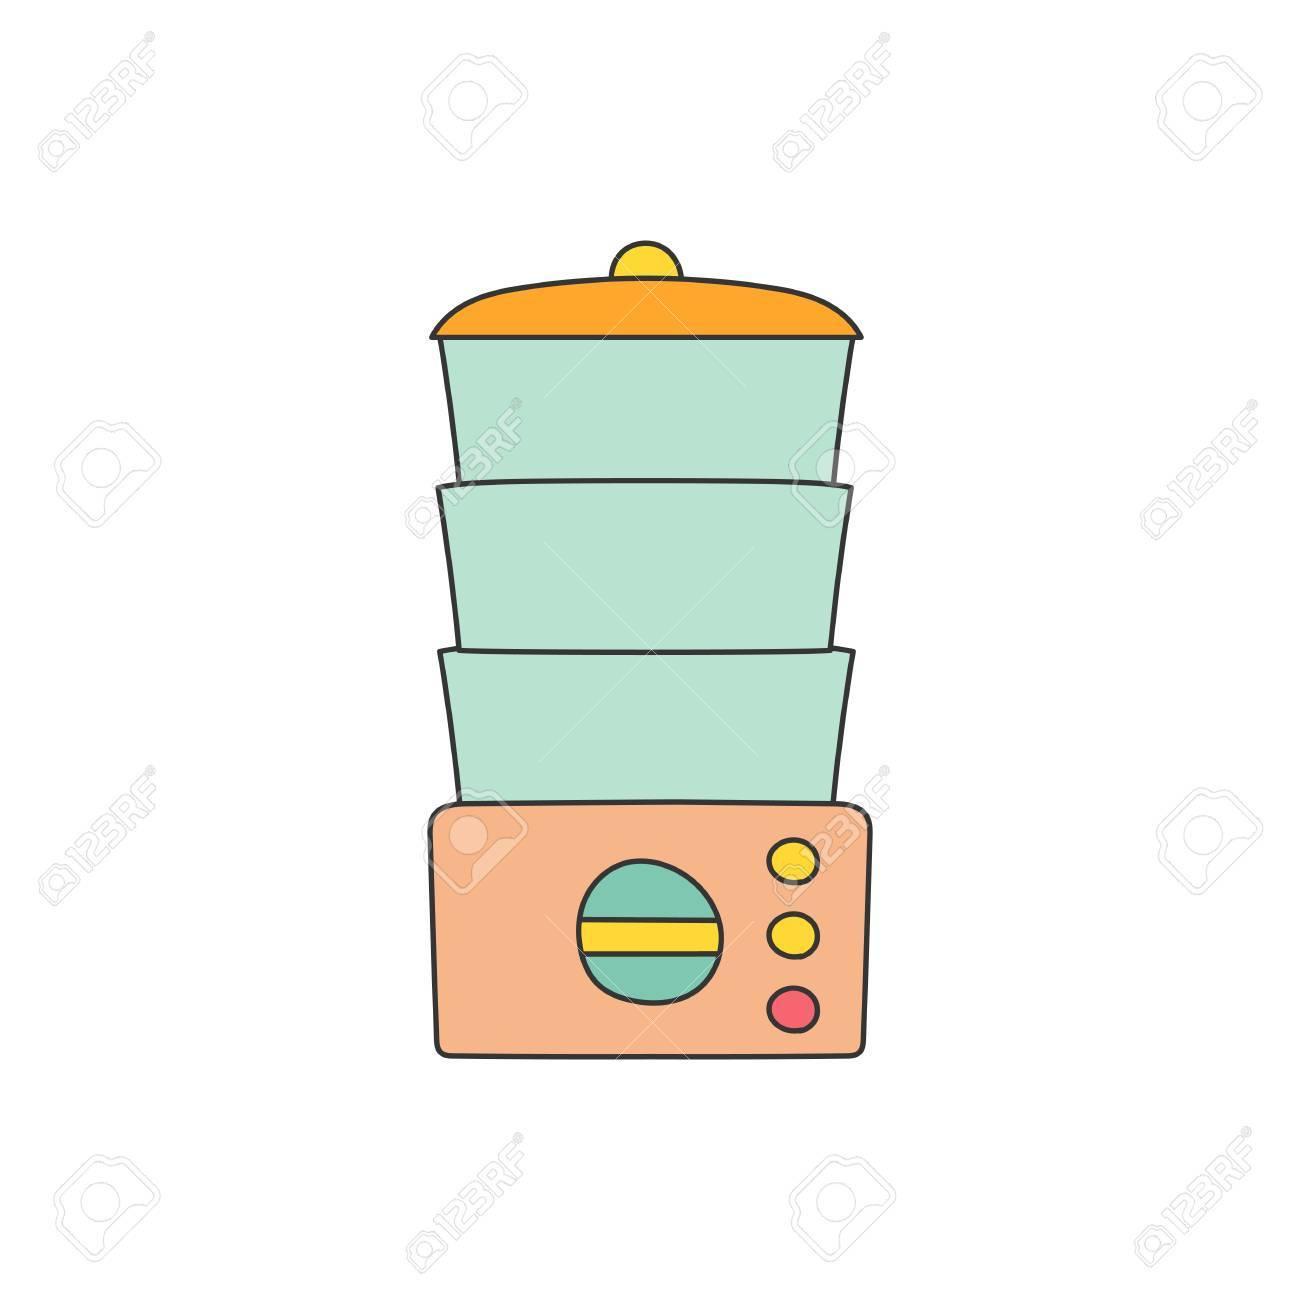 Isolated Cartoon Line Kitchen Steamer On White Background. Kitchen ...